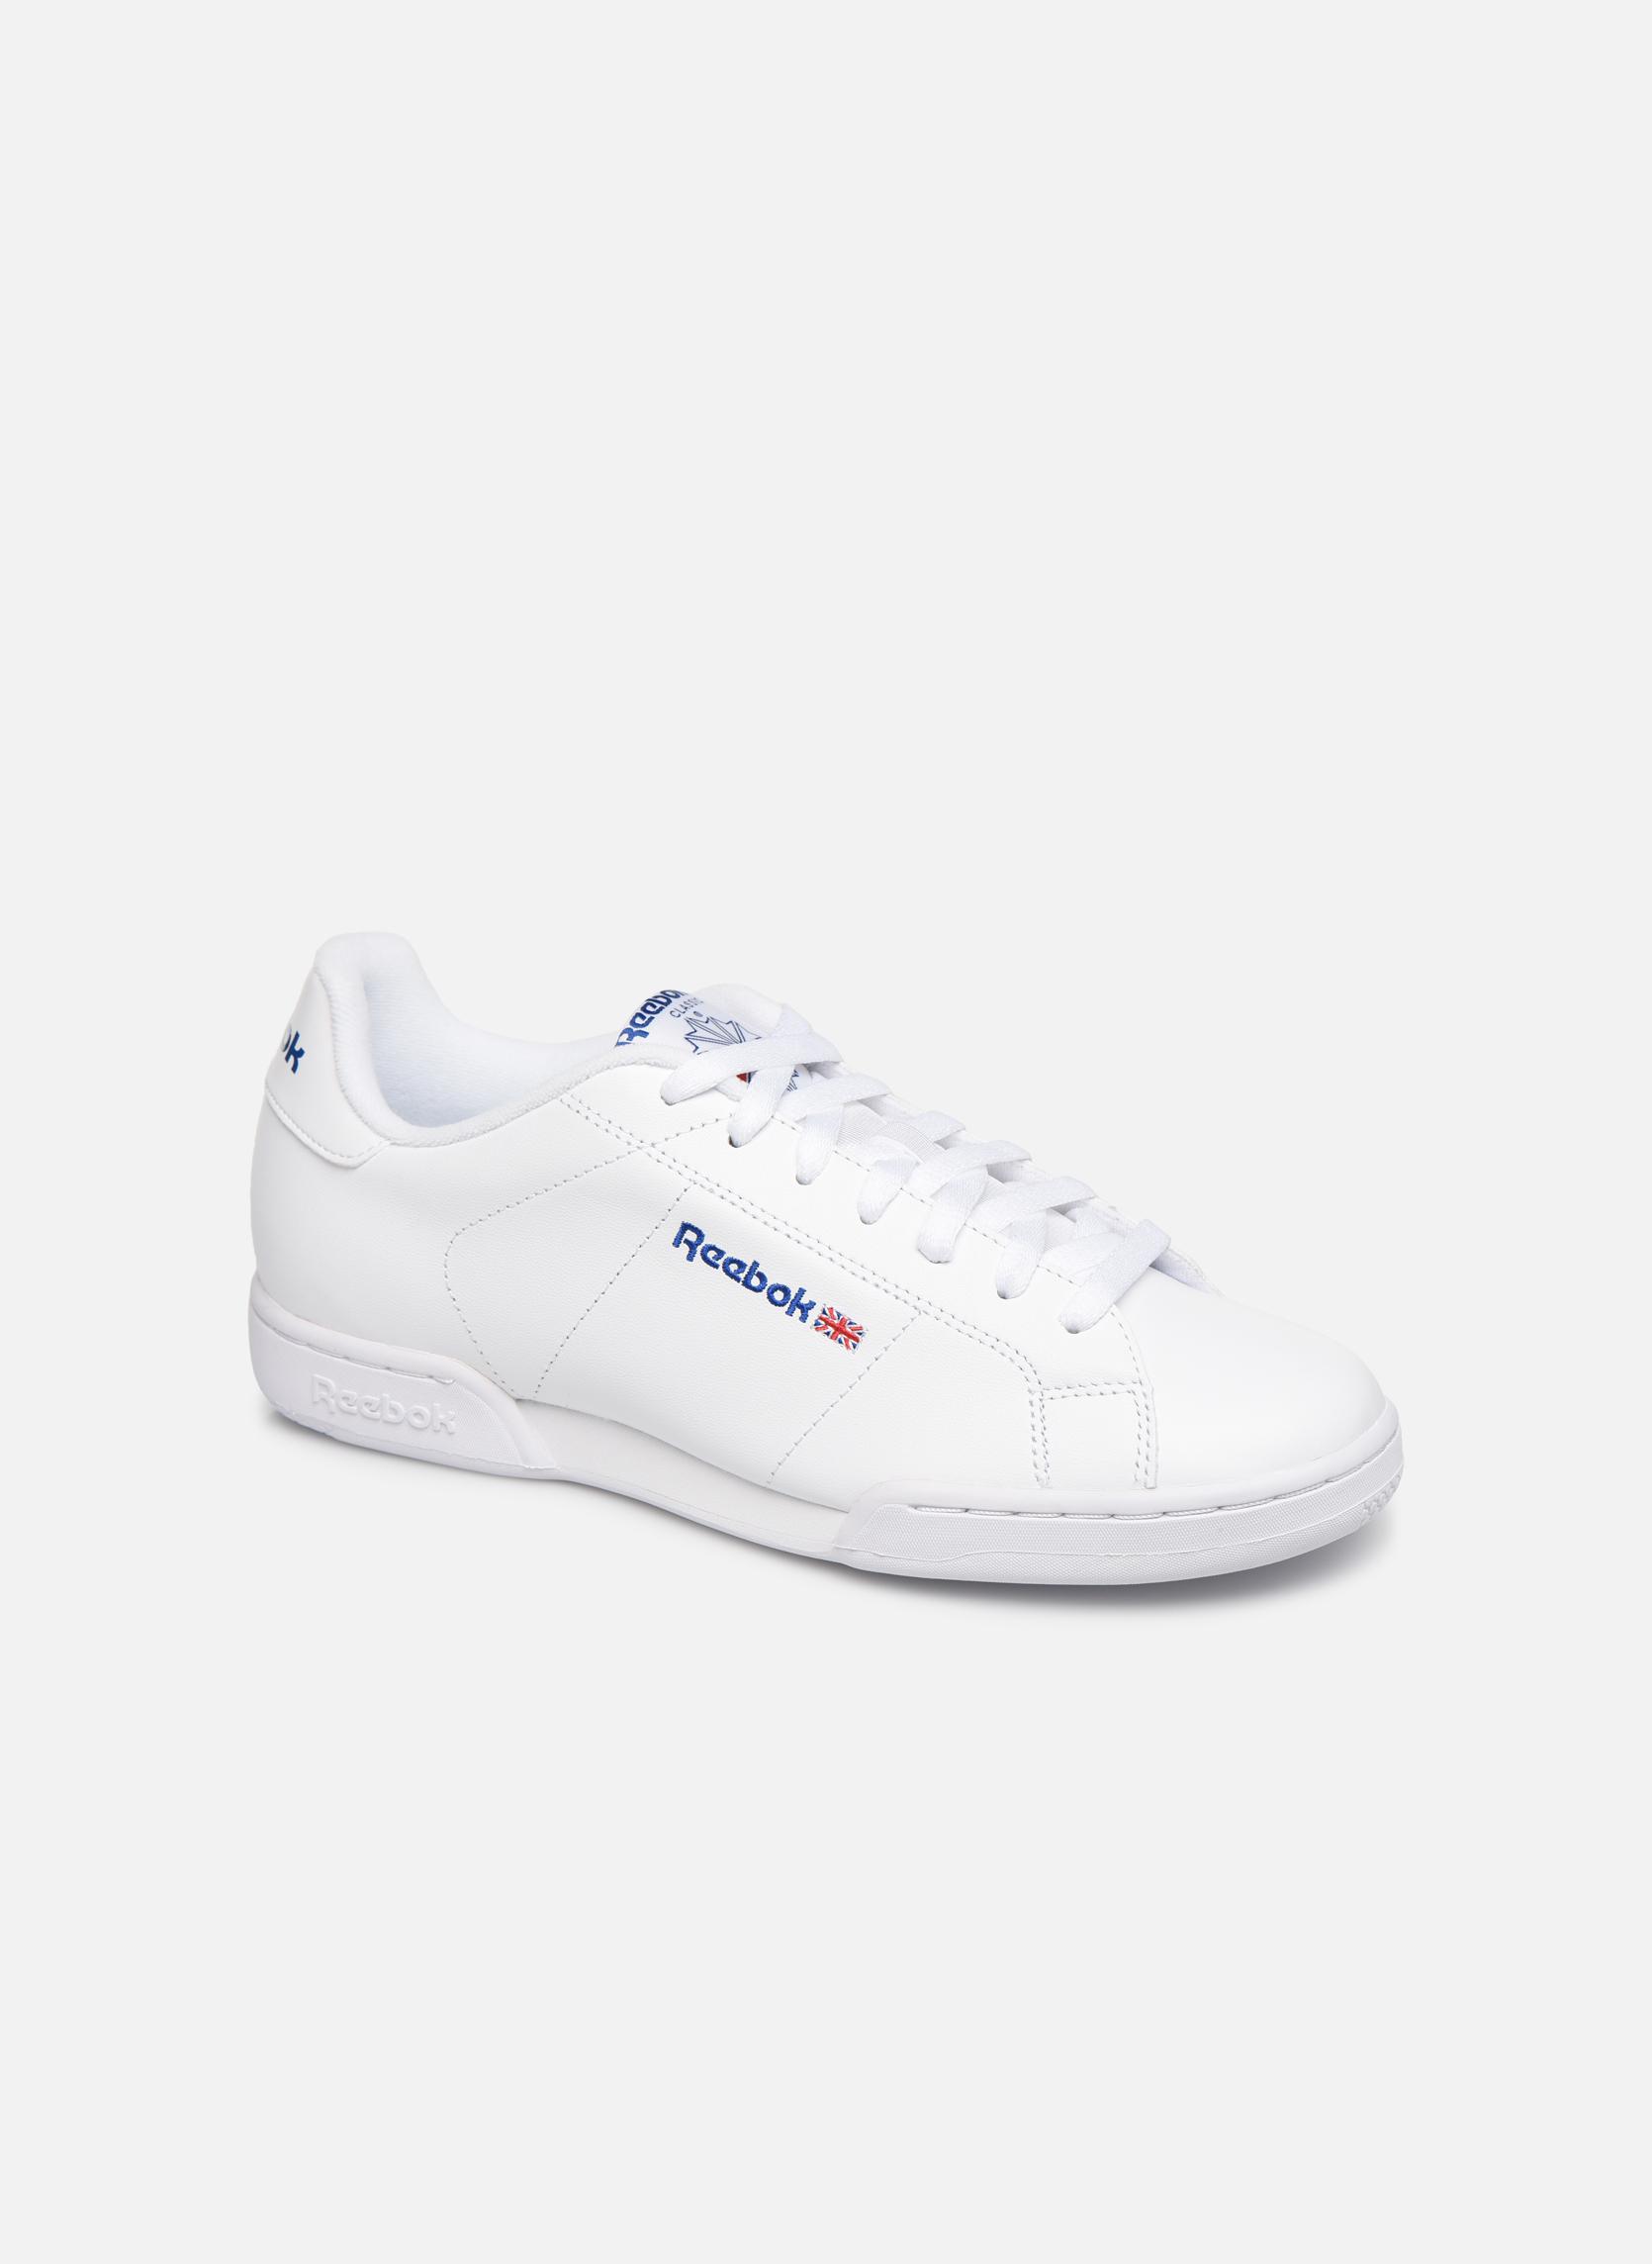 Reebok Npc II (Blanc) - Baskets en Más cómodo Nouvelles chaussures pour hommes et femmes, remise limitée dans le temps